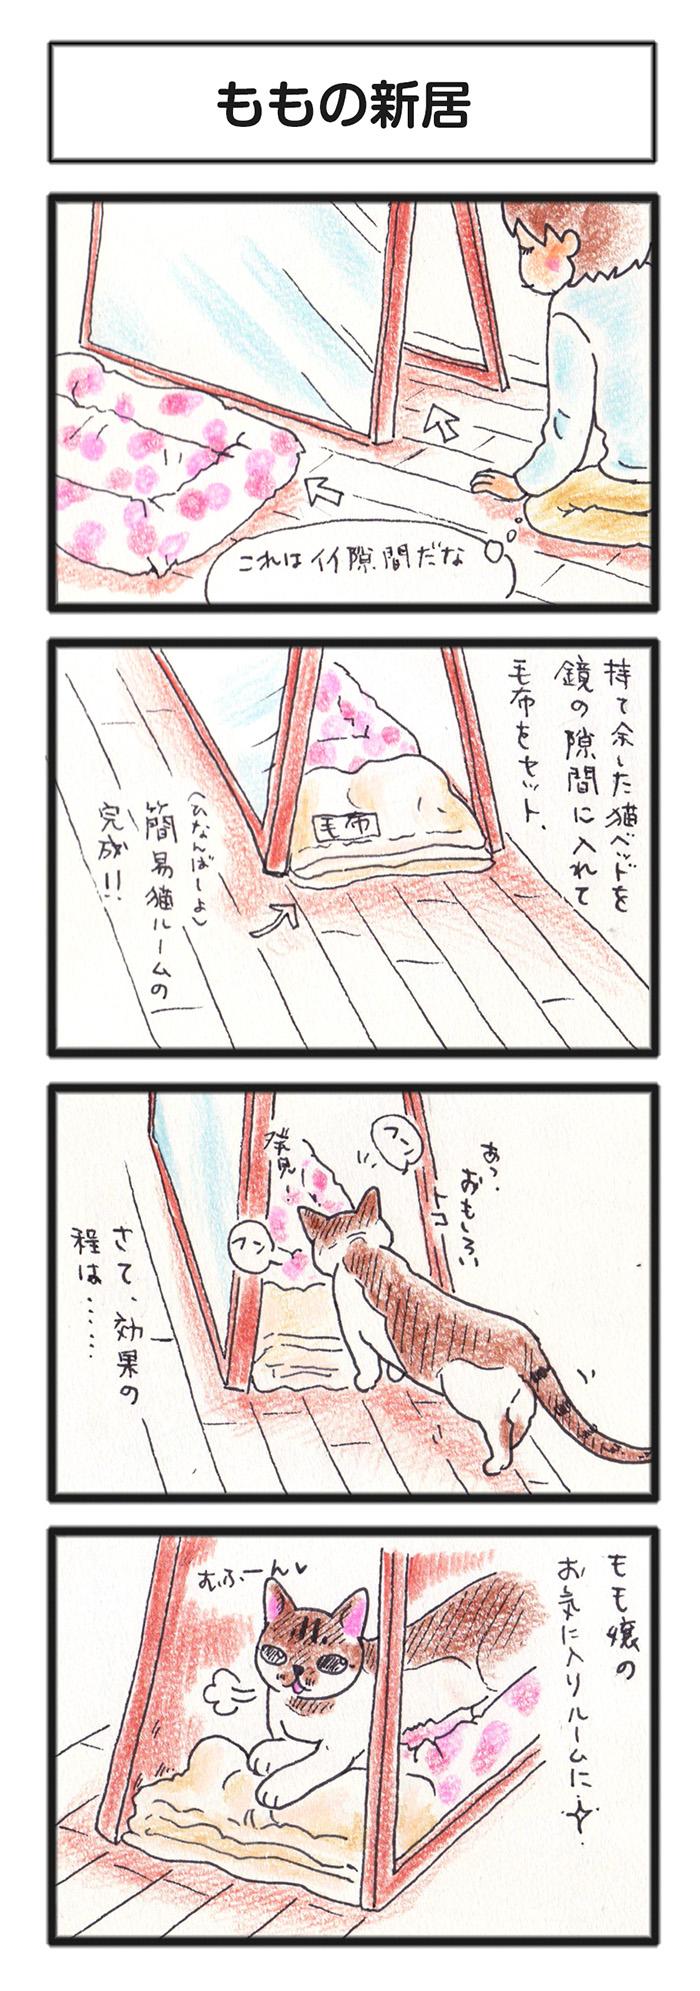 comic_4c_14112301.jpg